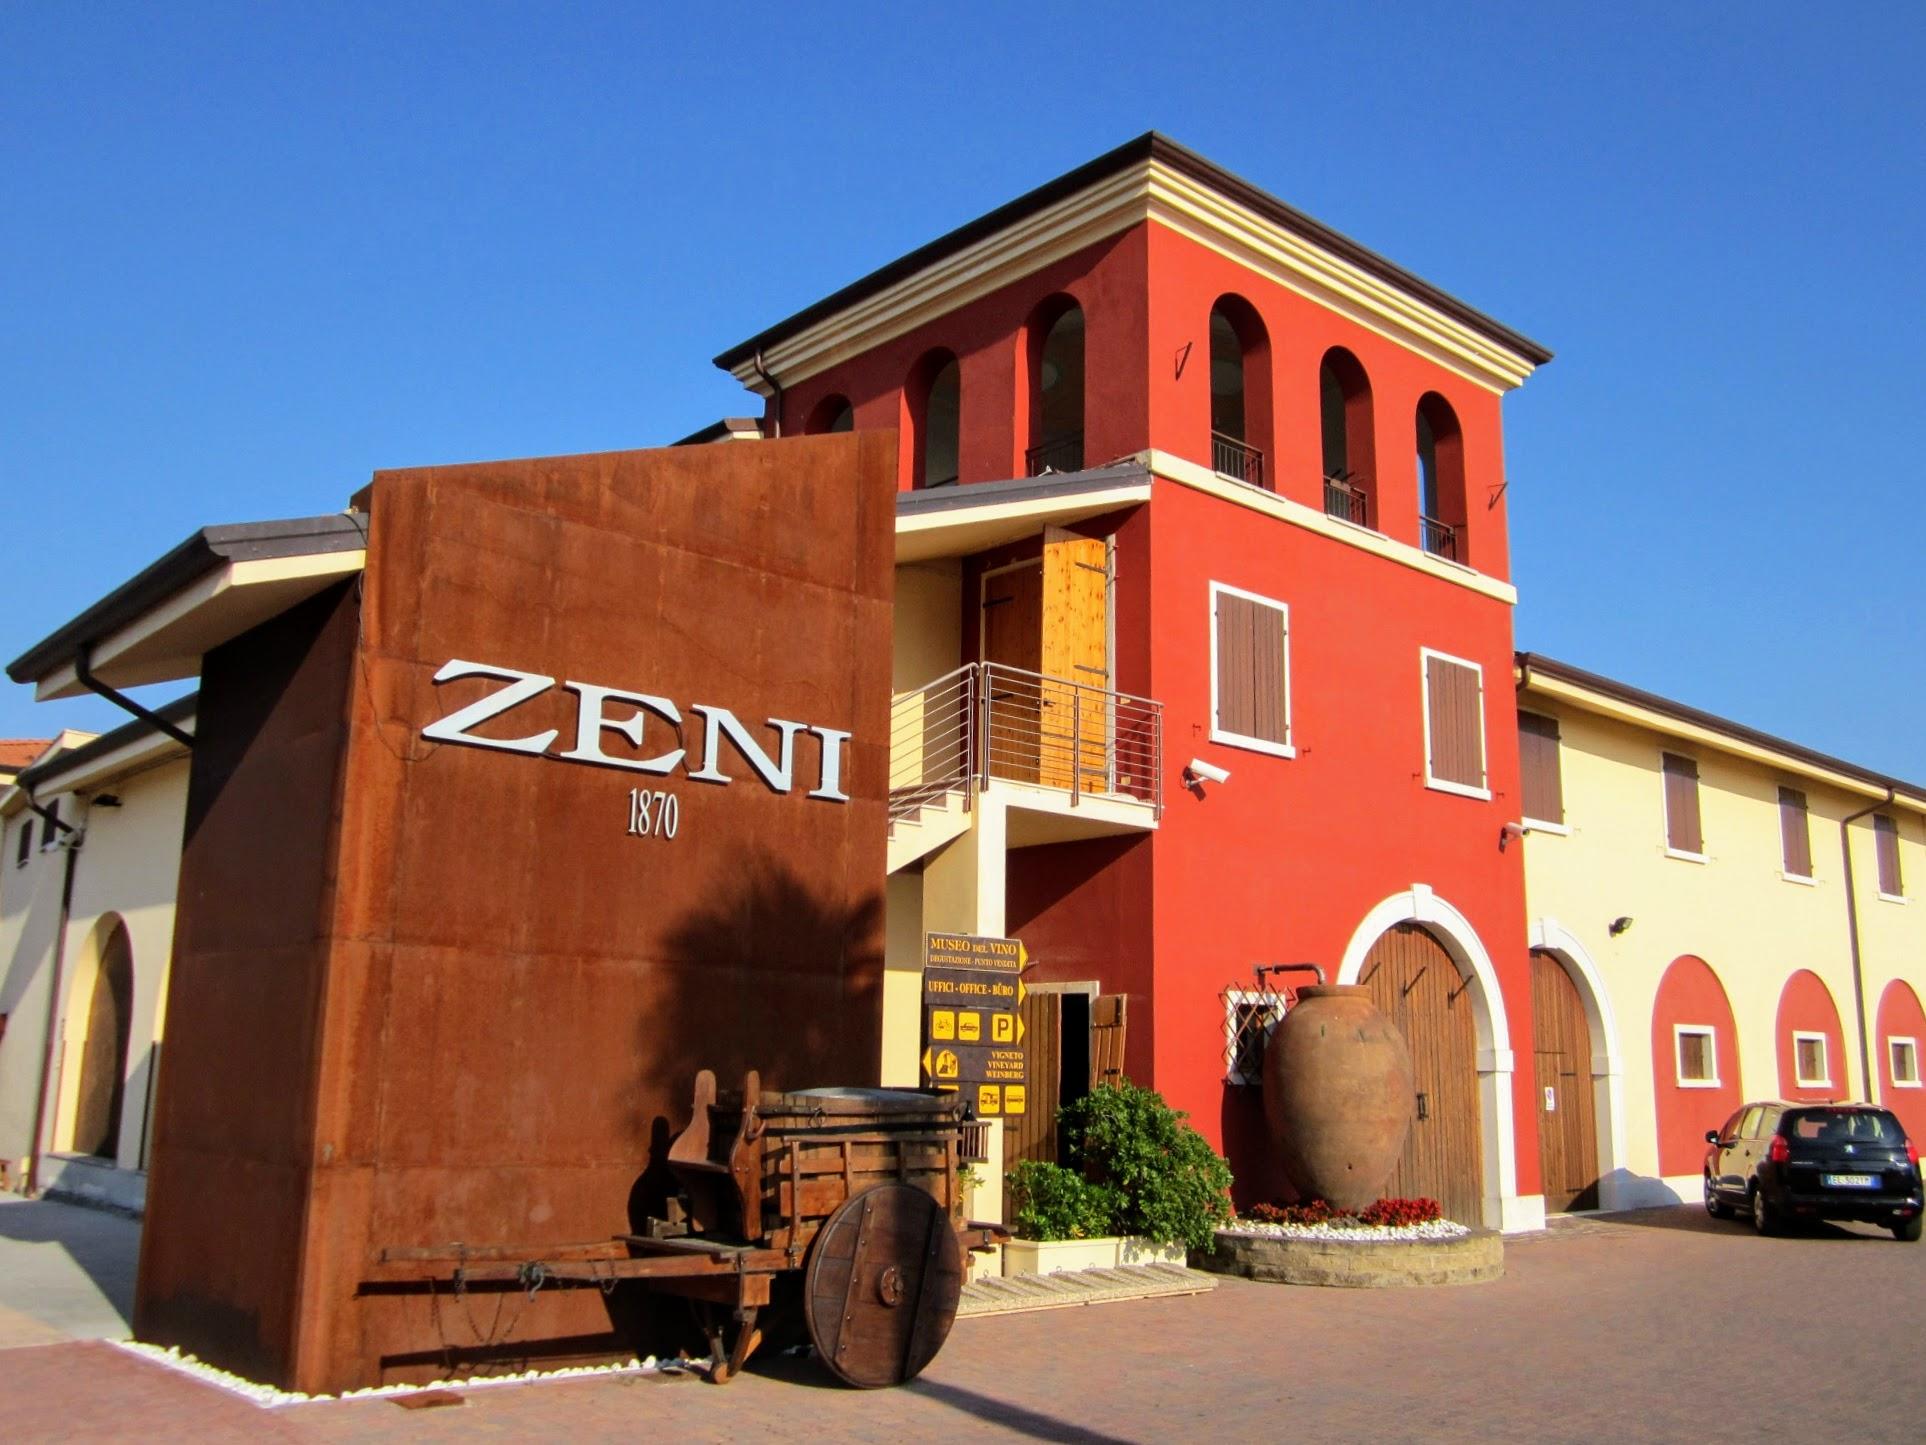 Wijnhuizen aan het Gardameer